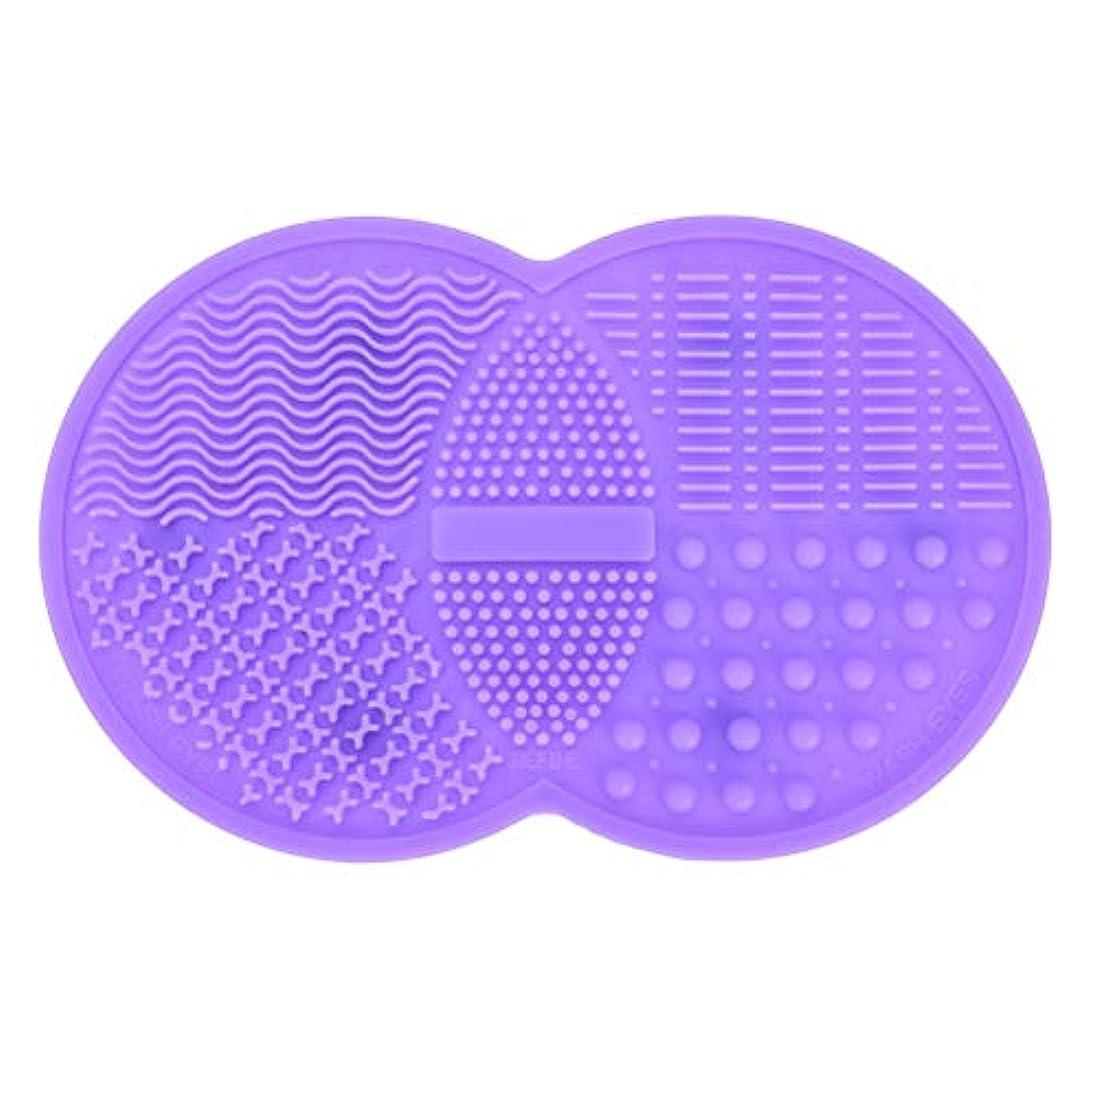 上がるまたねライオンPichidr-JP メイクブラシ クリーナー シリコンマット化粧 洗浄 化粧筆 筆洗い(パープル)